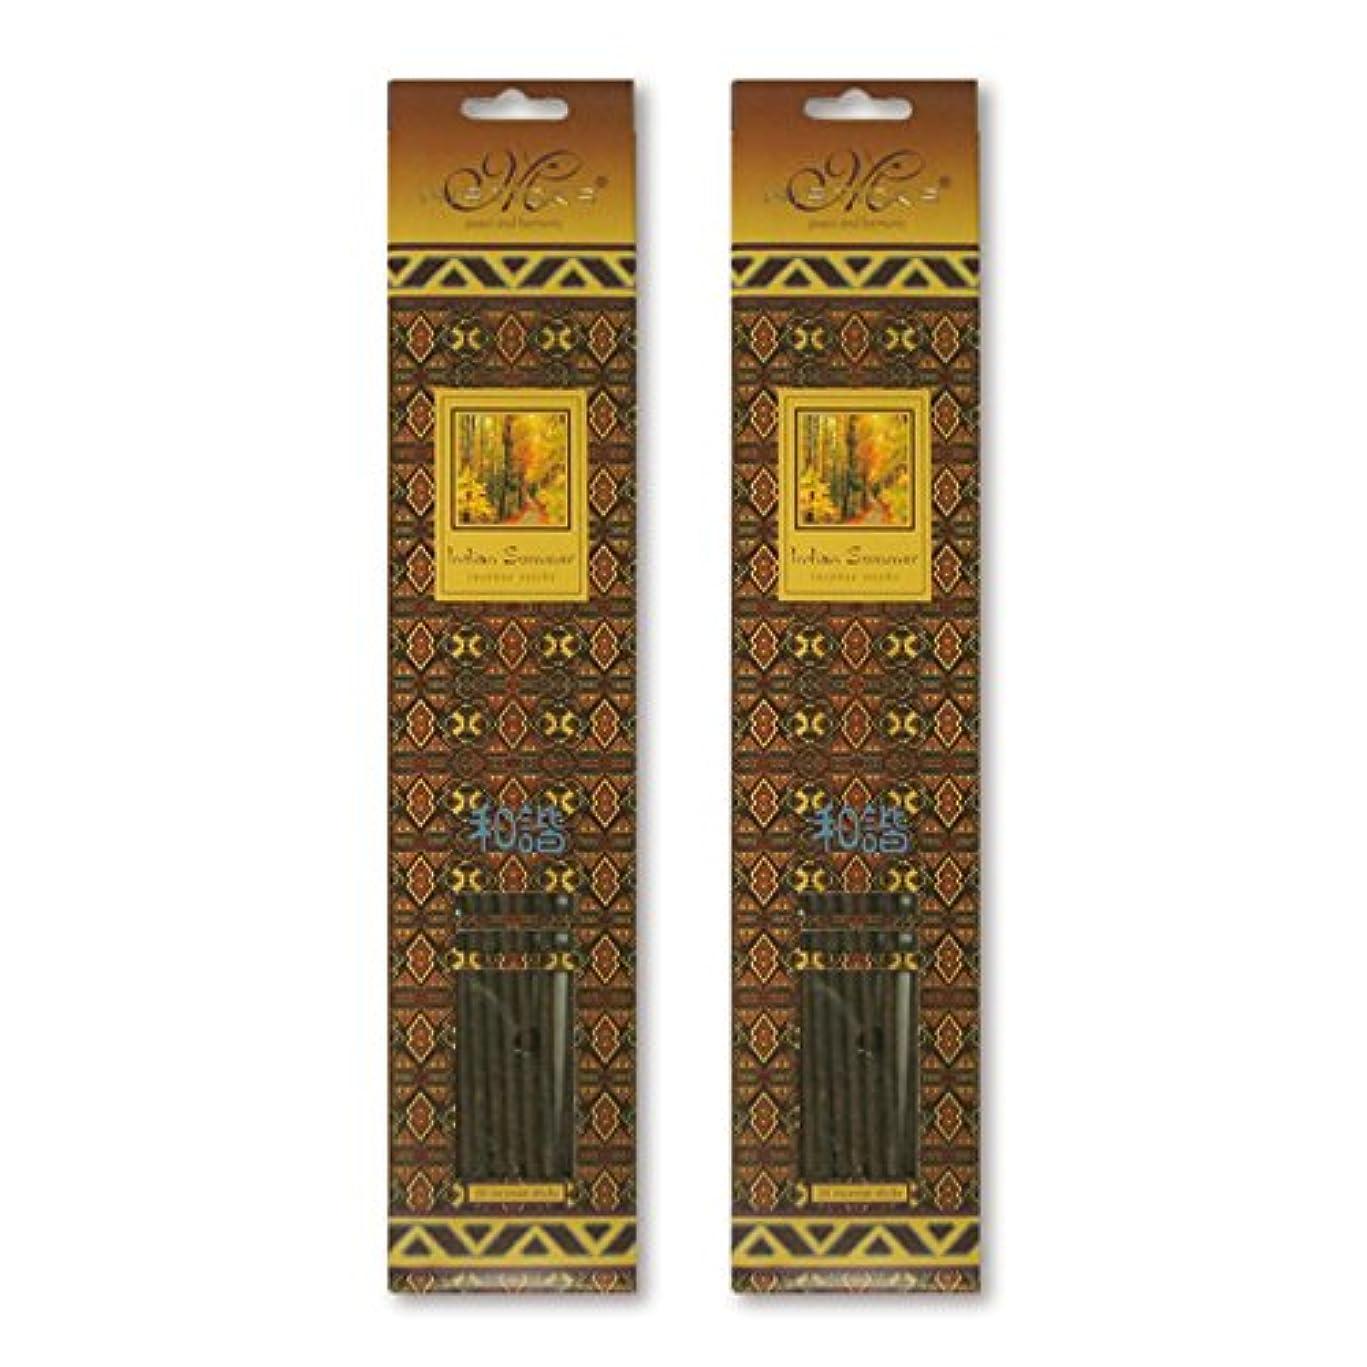 記念碑的な郵便局第四MISTICKS ミスティックス Indian Summer インディアンサマー お香 20本 X 2パック (40本)